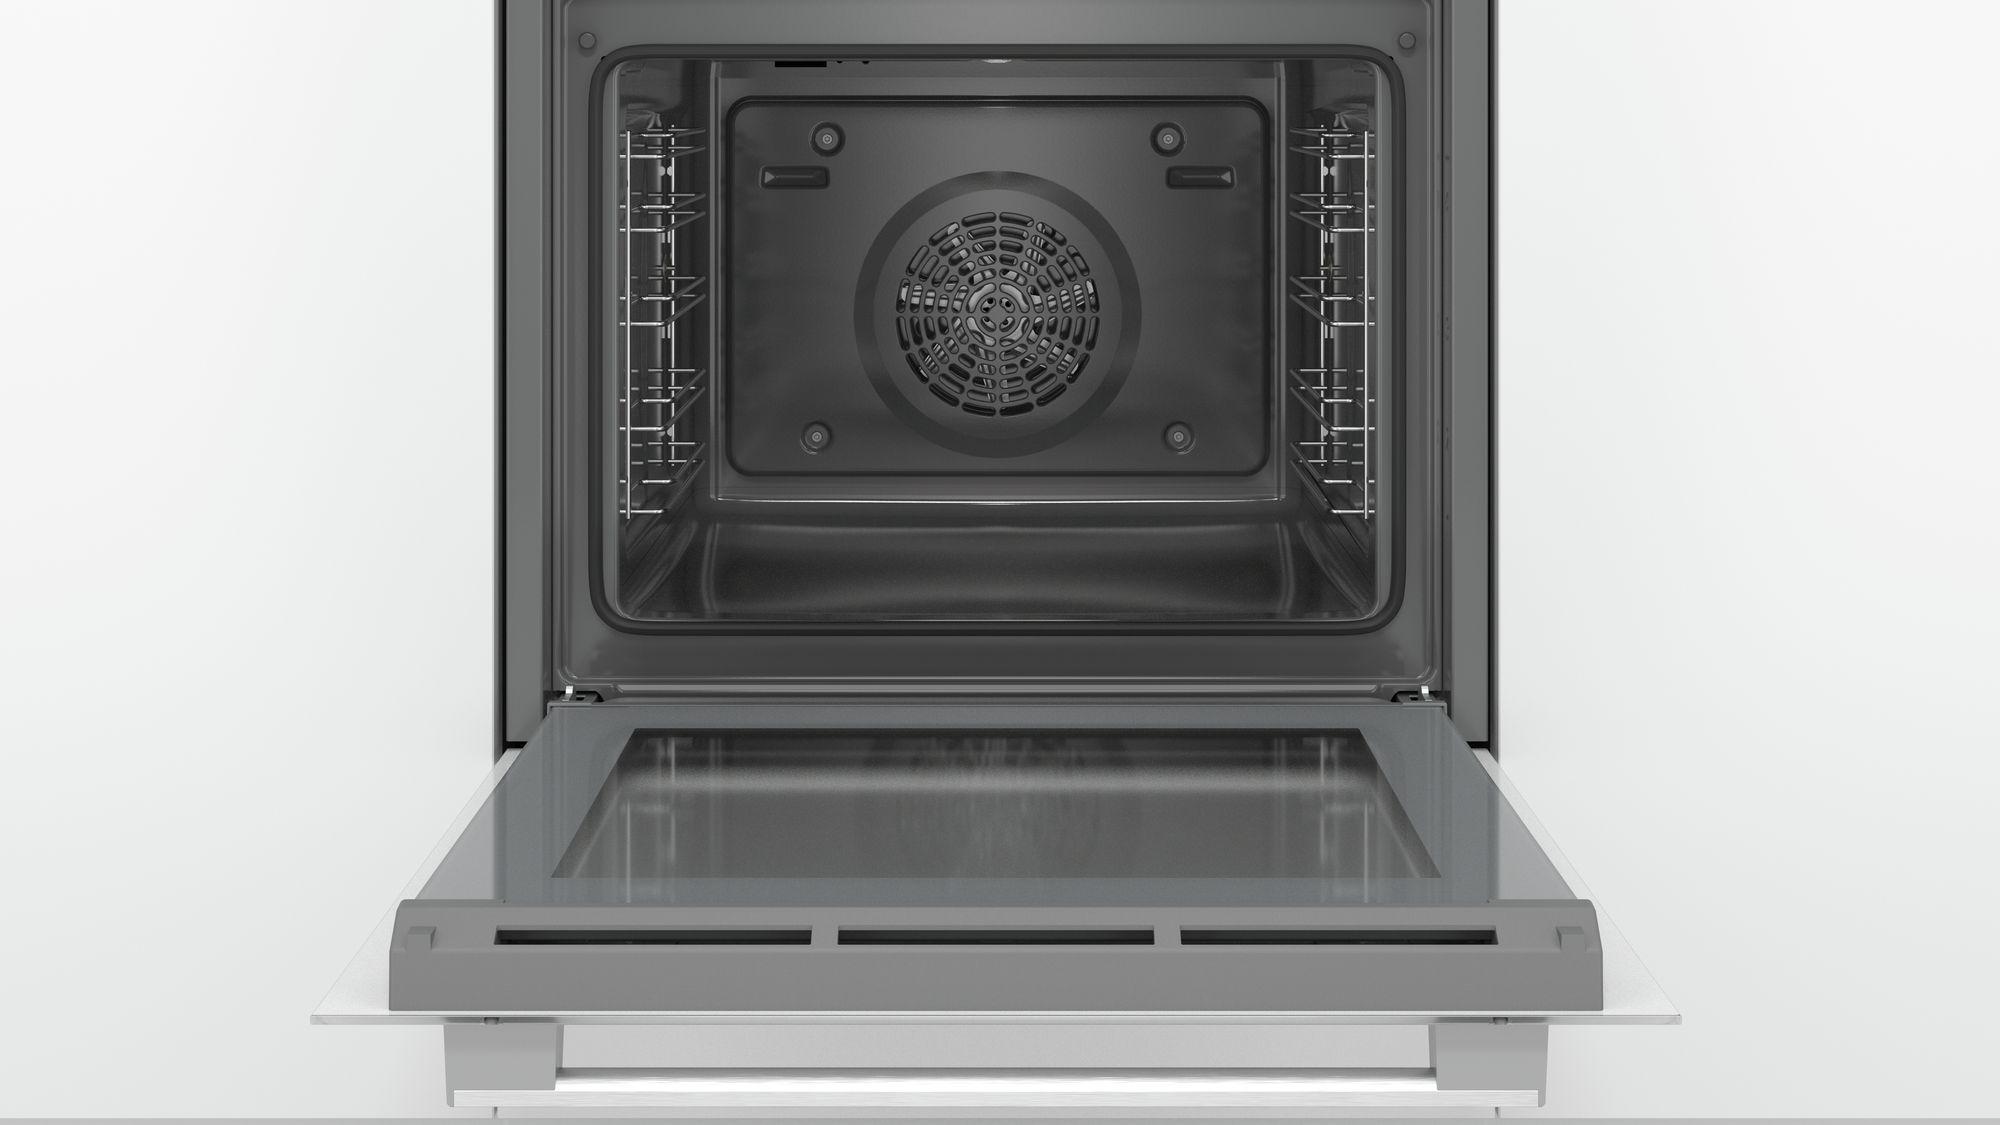 Bosch Kühlschrank Garantie : Bosch einbauherd hea bw polar weiß inkl jahre garantie von